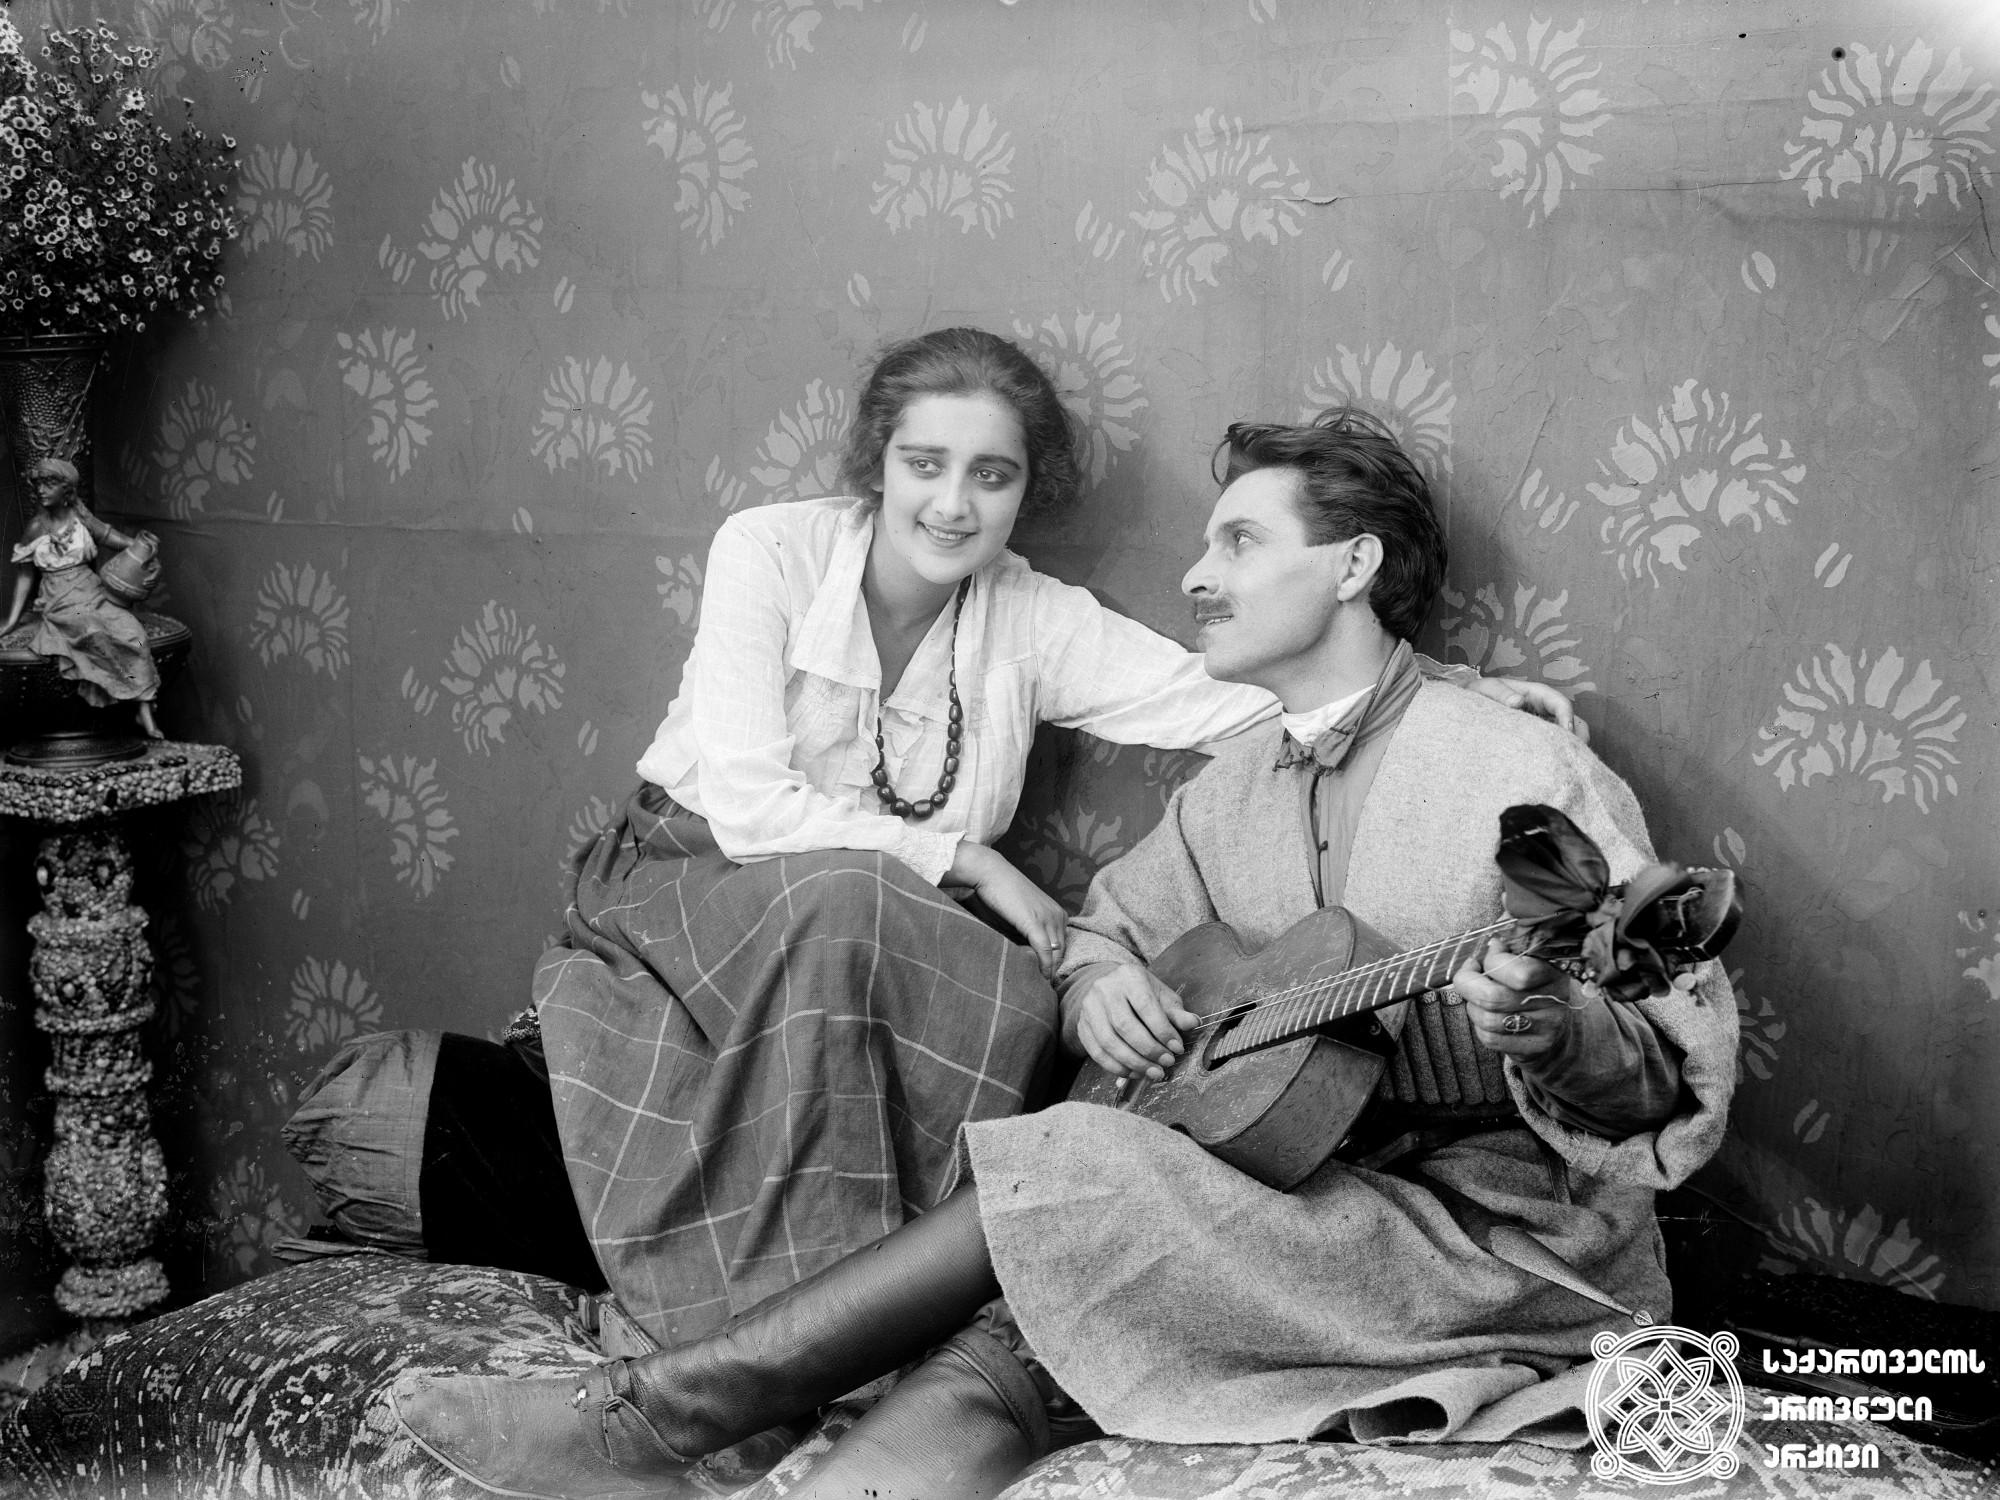 """""""სამი სიცოცხლე"""". 1924. <br>  სცენარის ავტორი და რეჟისორი: ივანე პერესტიანი. <br> ოპერატორი: ალექსანდრე დიღმელოვი.  მხატვარი: სემიონ გუბინ-გუნი. <br> ფილმი გადაღებულია გიორგი წერეთლის რომან """"პირველი ნაბიჯის"""" მიხედვით.  <br> ფოტოზე: ნატო ვაჩნაძე (ესმა) და მიხეილ გელოვანი (ბახვა ფულავა).   Sami Sitsotskhle (Three Lives). 1924. <br>  Screenwriter and director: Ivan Perestiani. <br> Camera operator: Alexander Dighmelov.  Production designer: Semion Gubin-gun.  <br> Filmed according to Giorgi Tsereteli's novel The First Step.<br> On the photo: Nato Vachnadze (Esma) and Mikheil Gelovani (Bakhva Pulava)."""